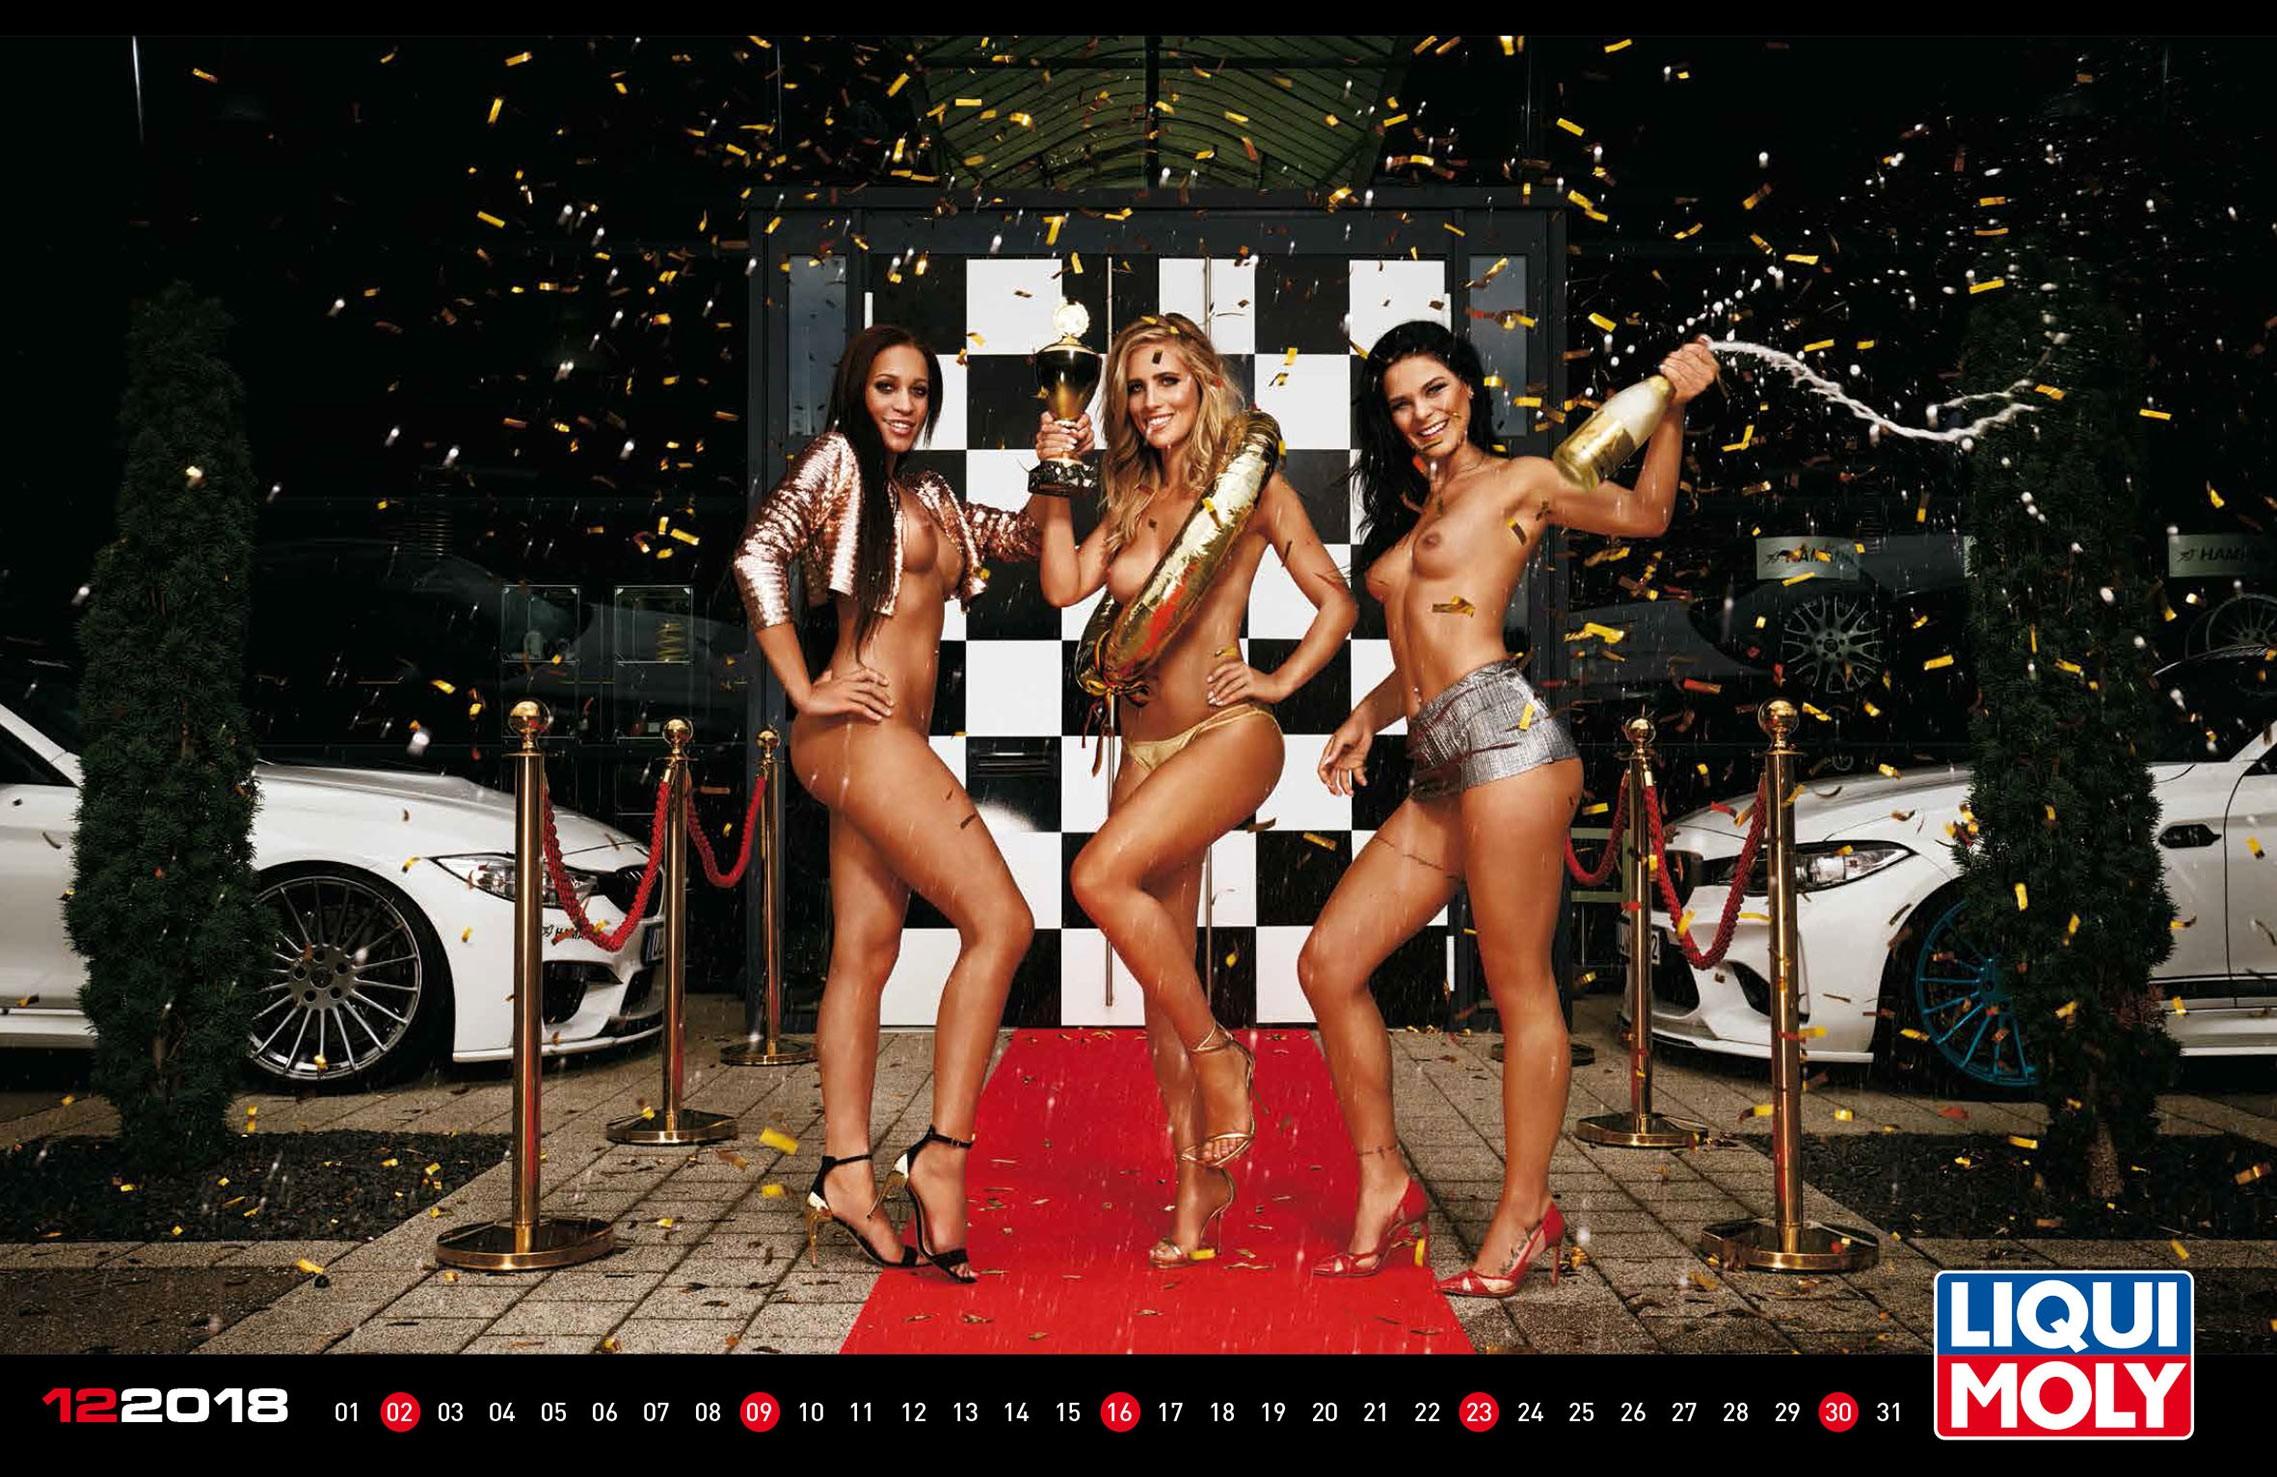 Сексуальные и откровенные девушки, автомобили и мотоциклы в календаре Liqui Moly на 2018 год (эротическая версия)